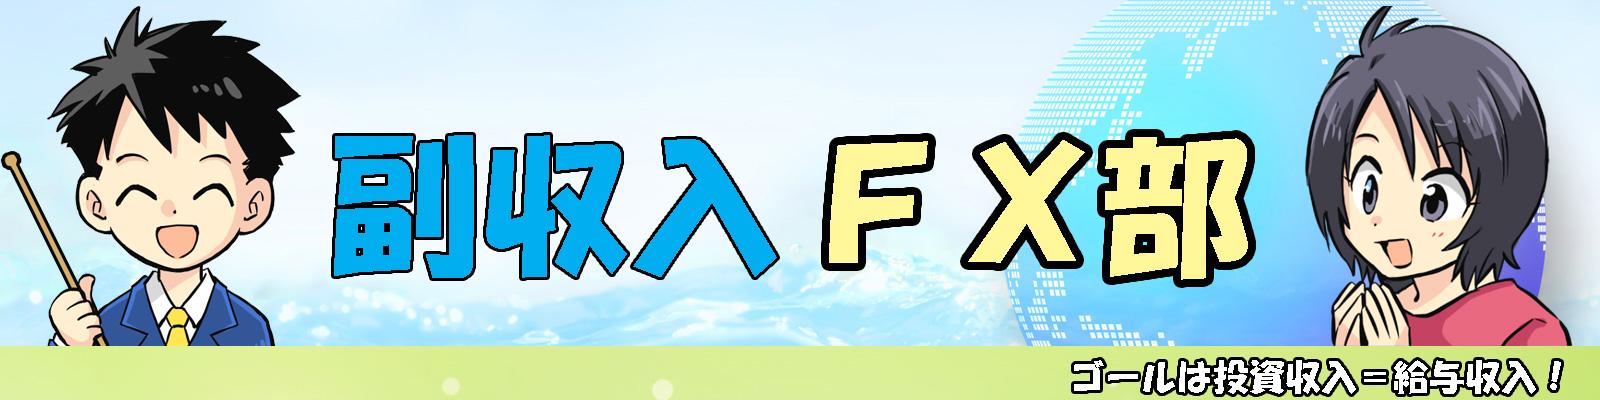 副収入FX部